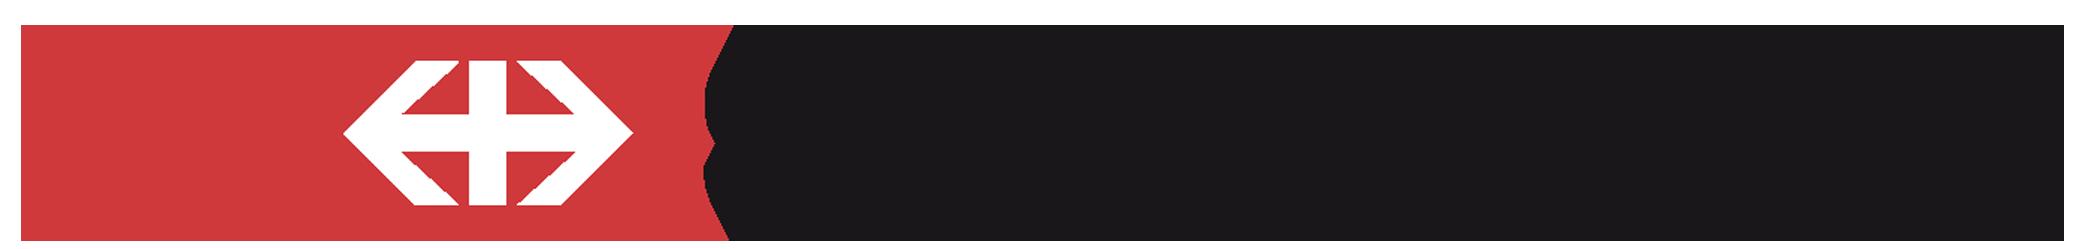 SBB Martin Baer